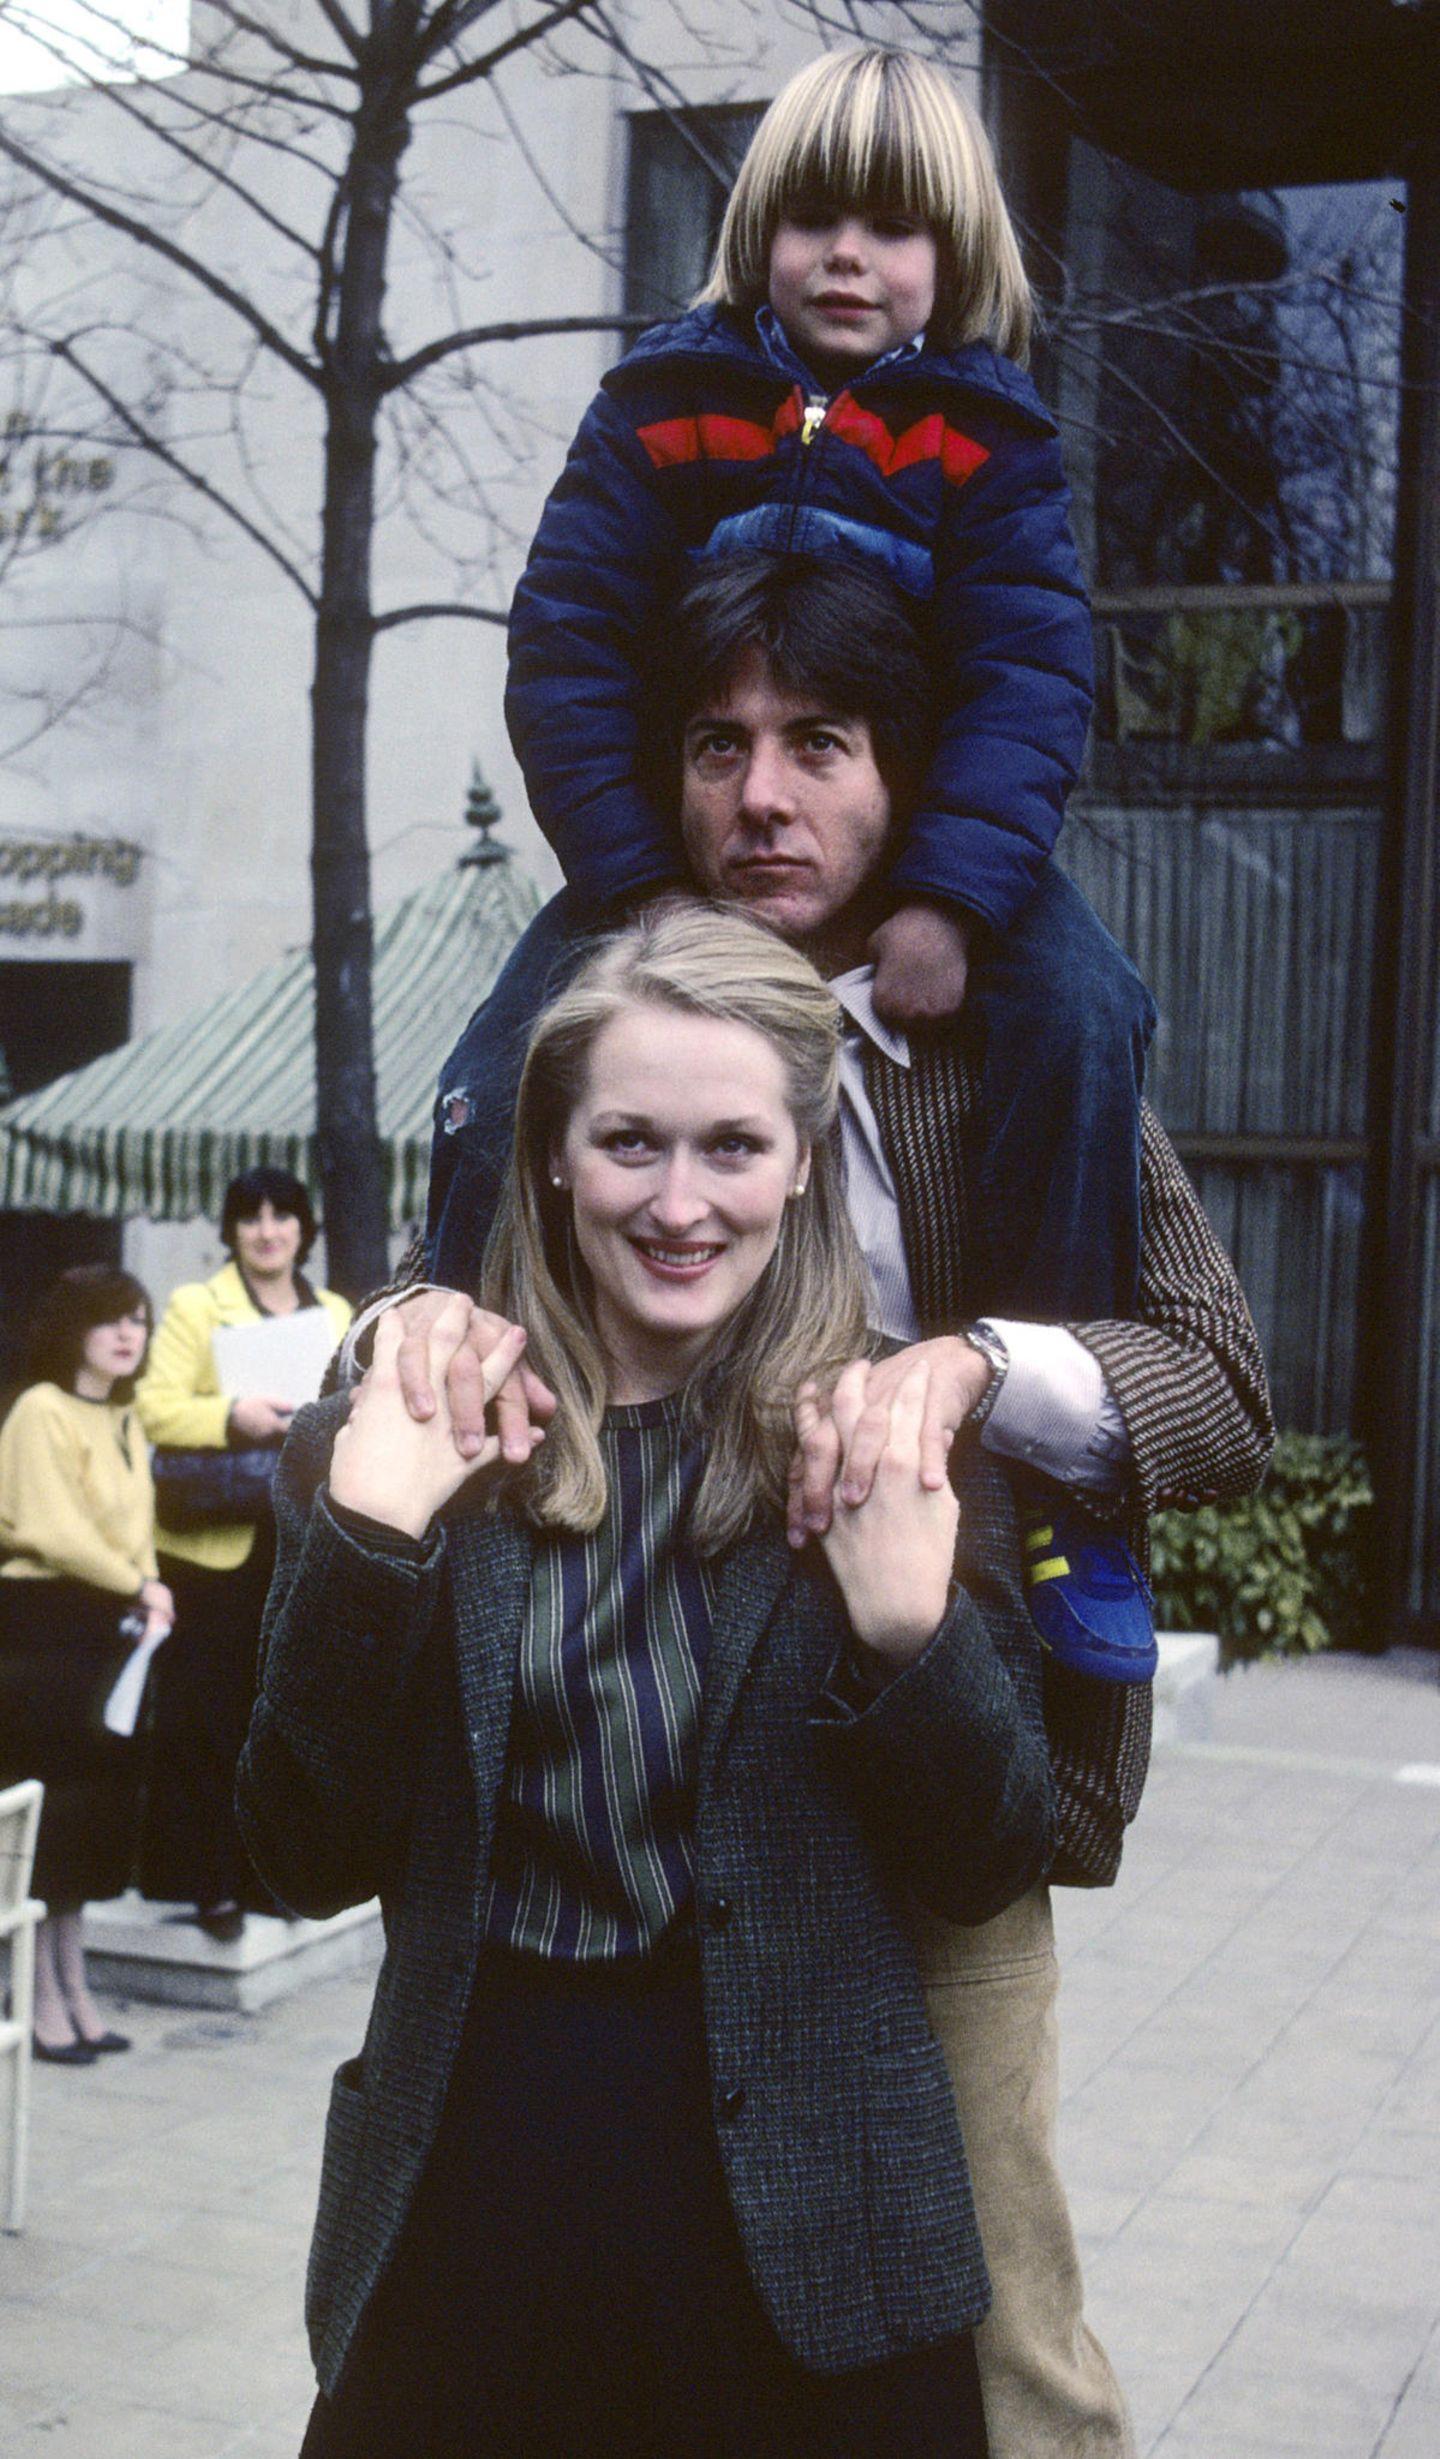 """1979 dreht Meryl Streep mit Dustin Hoffman das Sorgerechtsdrama """"Kramer gegen Kramer"""". Für ihre Darstellung wird sie 1980 mit dem Oscar als beste Nebendarstellerin ausgezeichnet."""